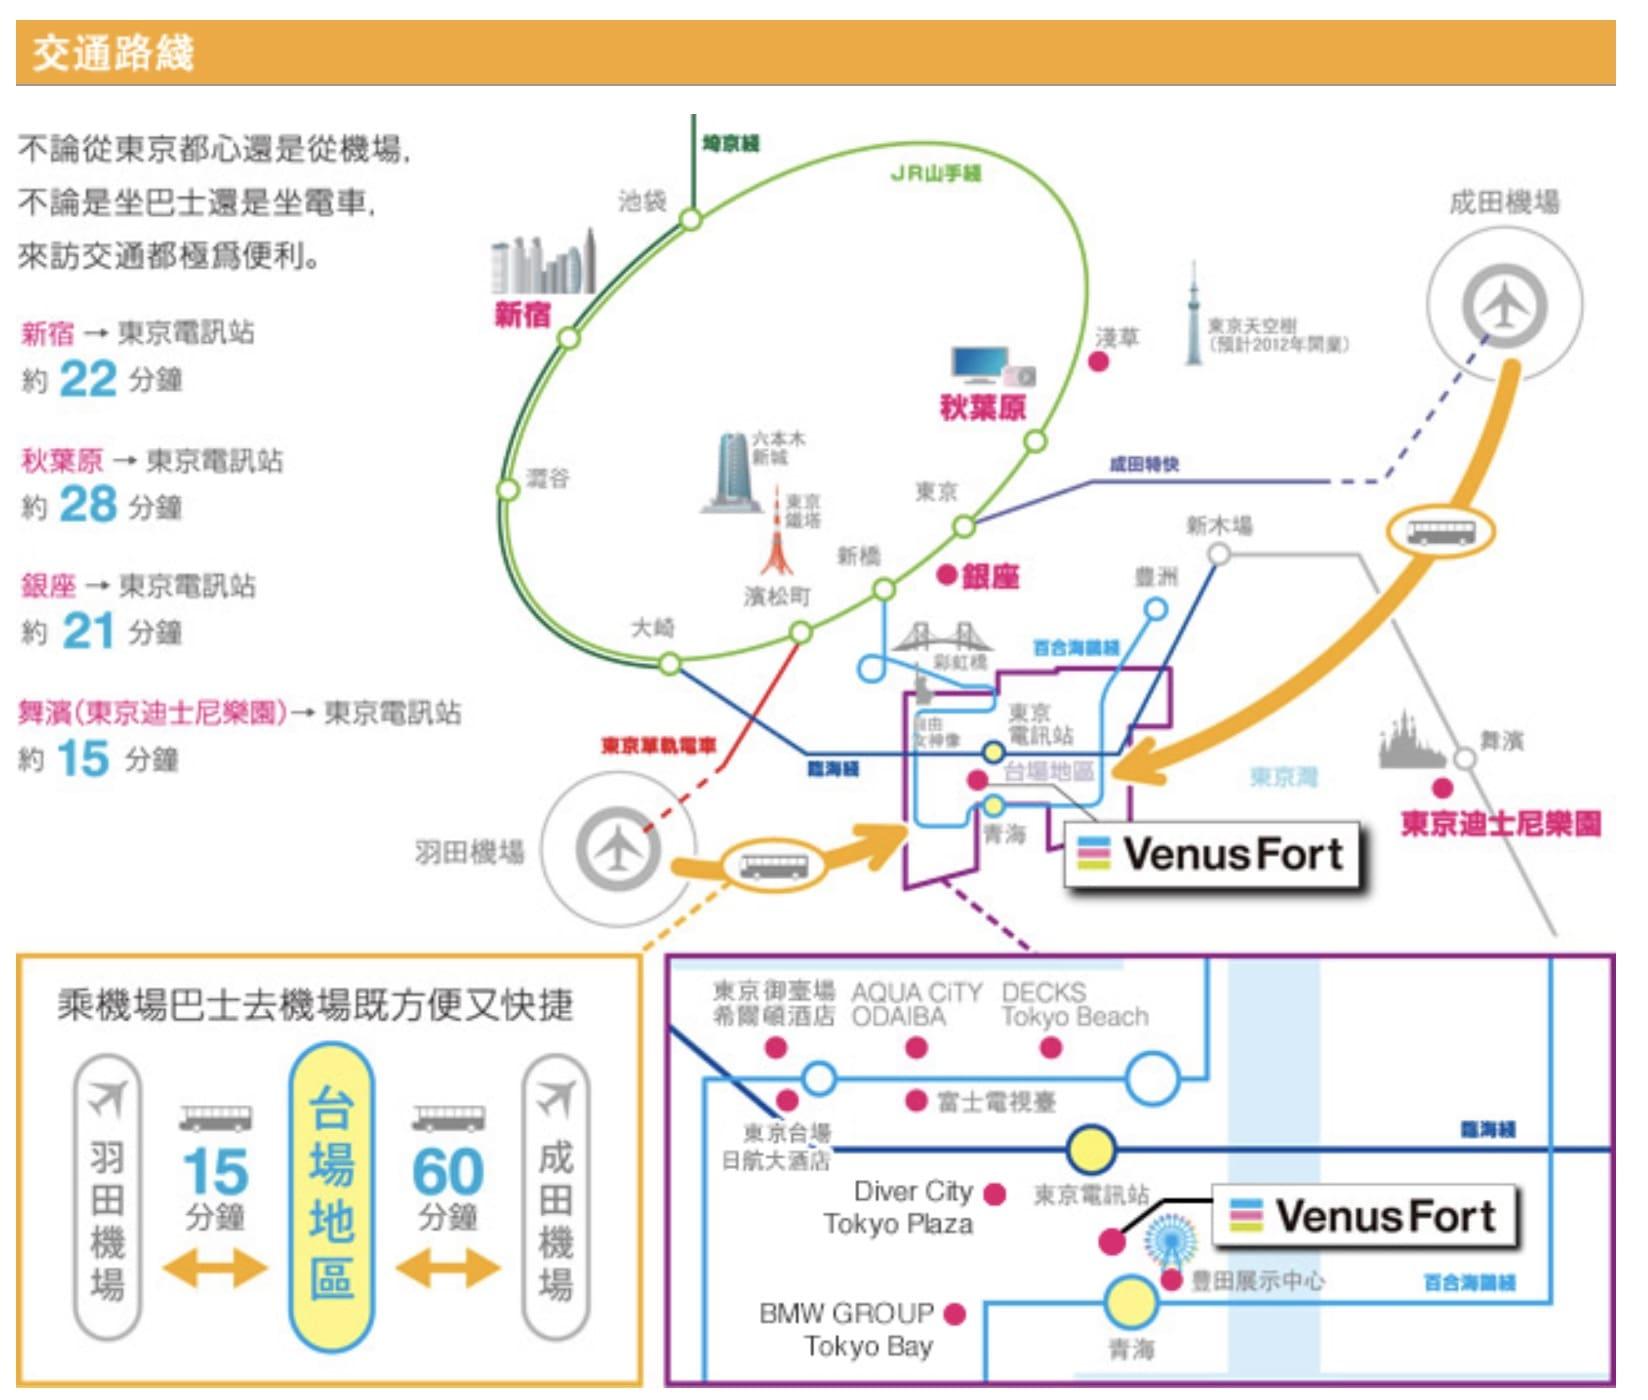 東京台場逛街|維納斯城堡VenusFort(卡通雜貨服飾)